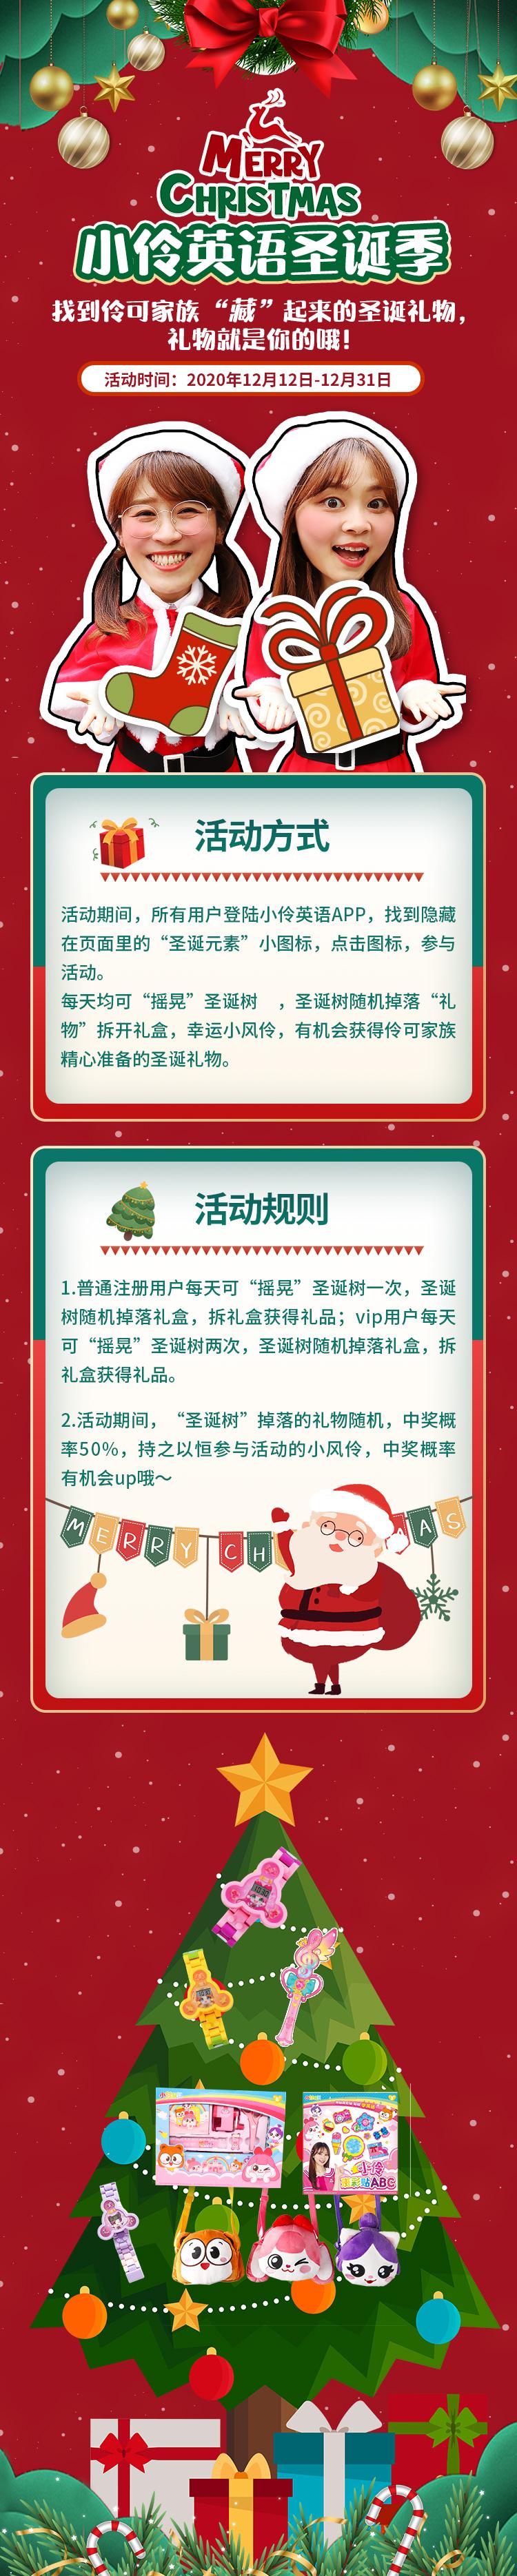 Merry Christmas!小伶英语喊你来领圣诞礼物了